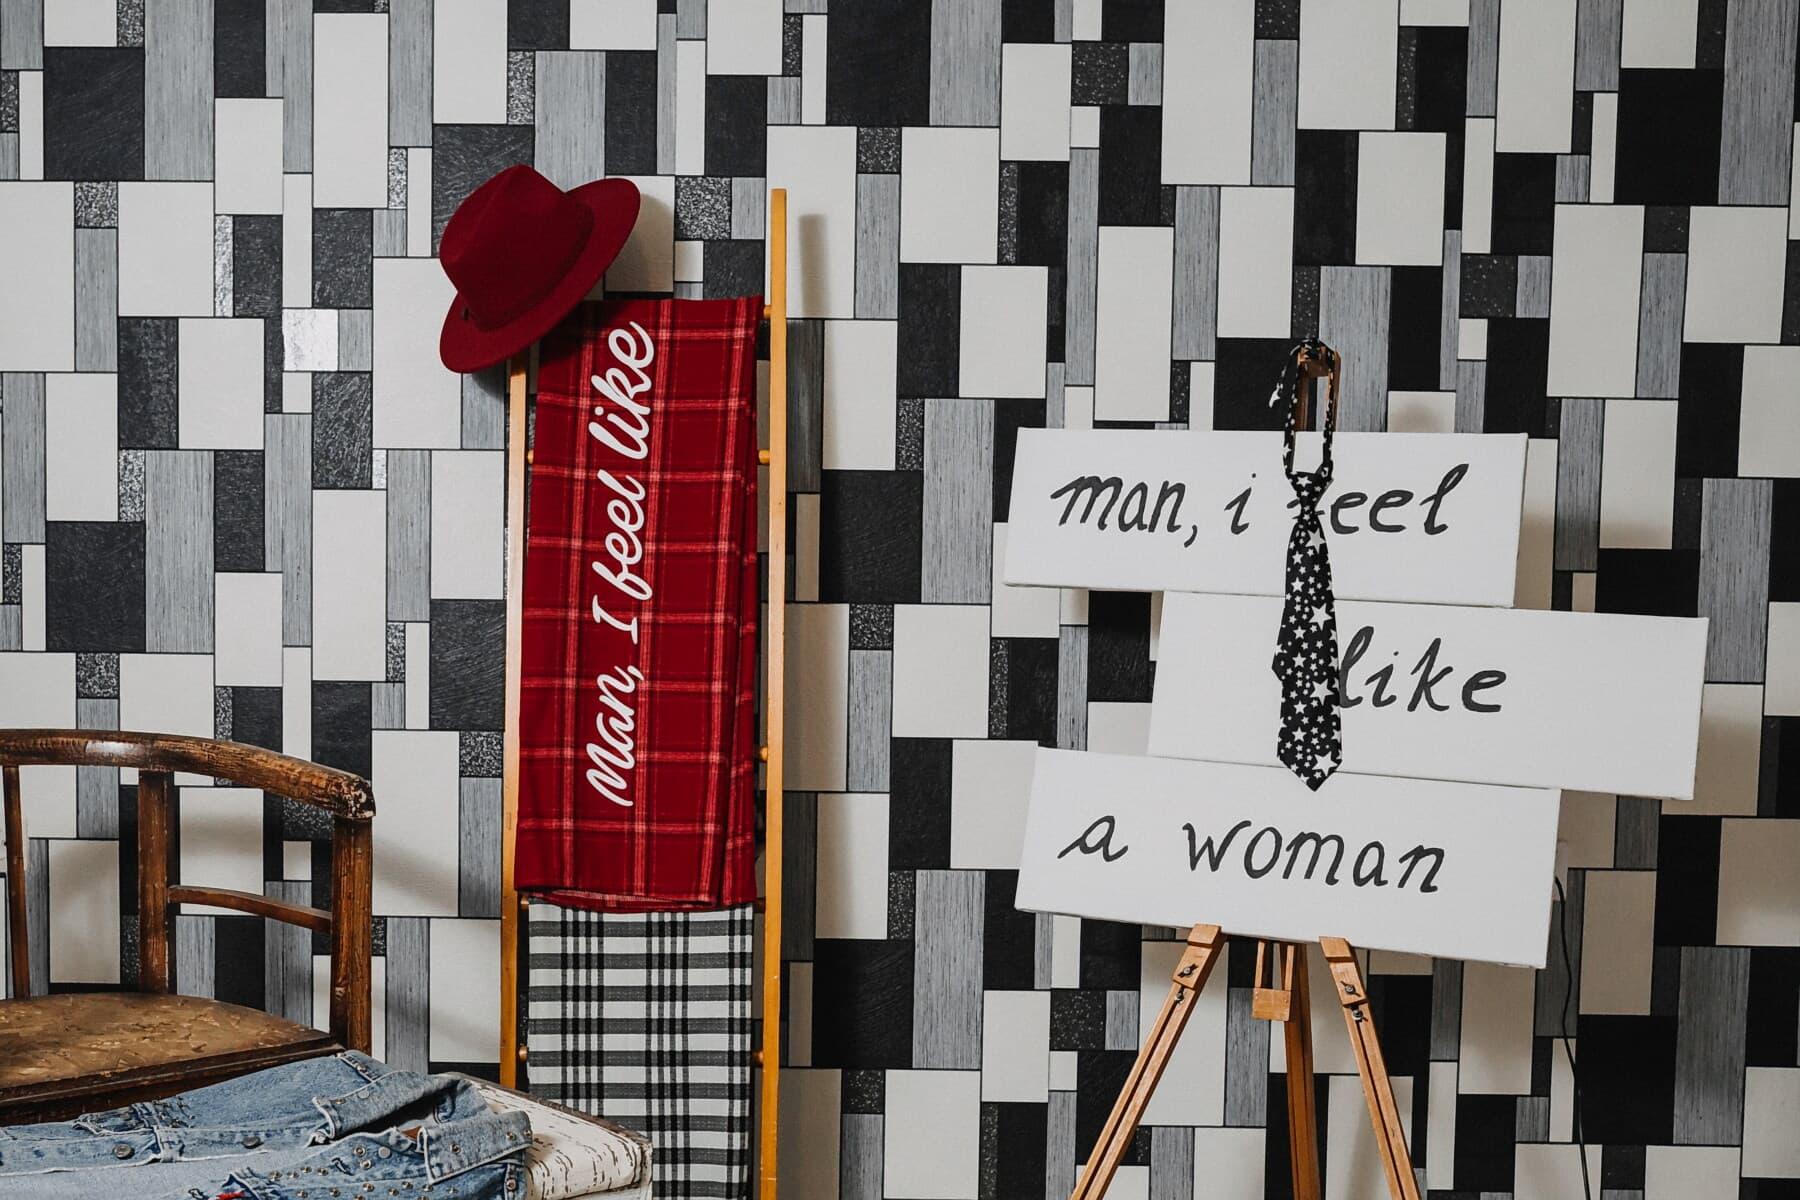 phòng thu, thiết kế nội thất, nữ tính, đăng nhập, hoài niệm, đương đại, trong nhà, đô thị, nhà, bức tường